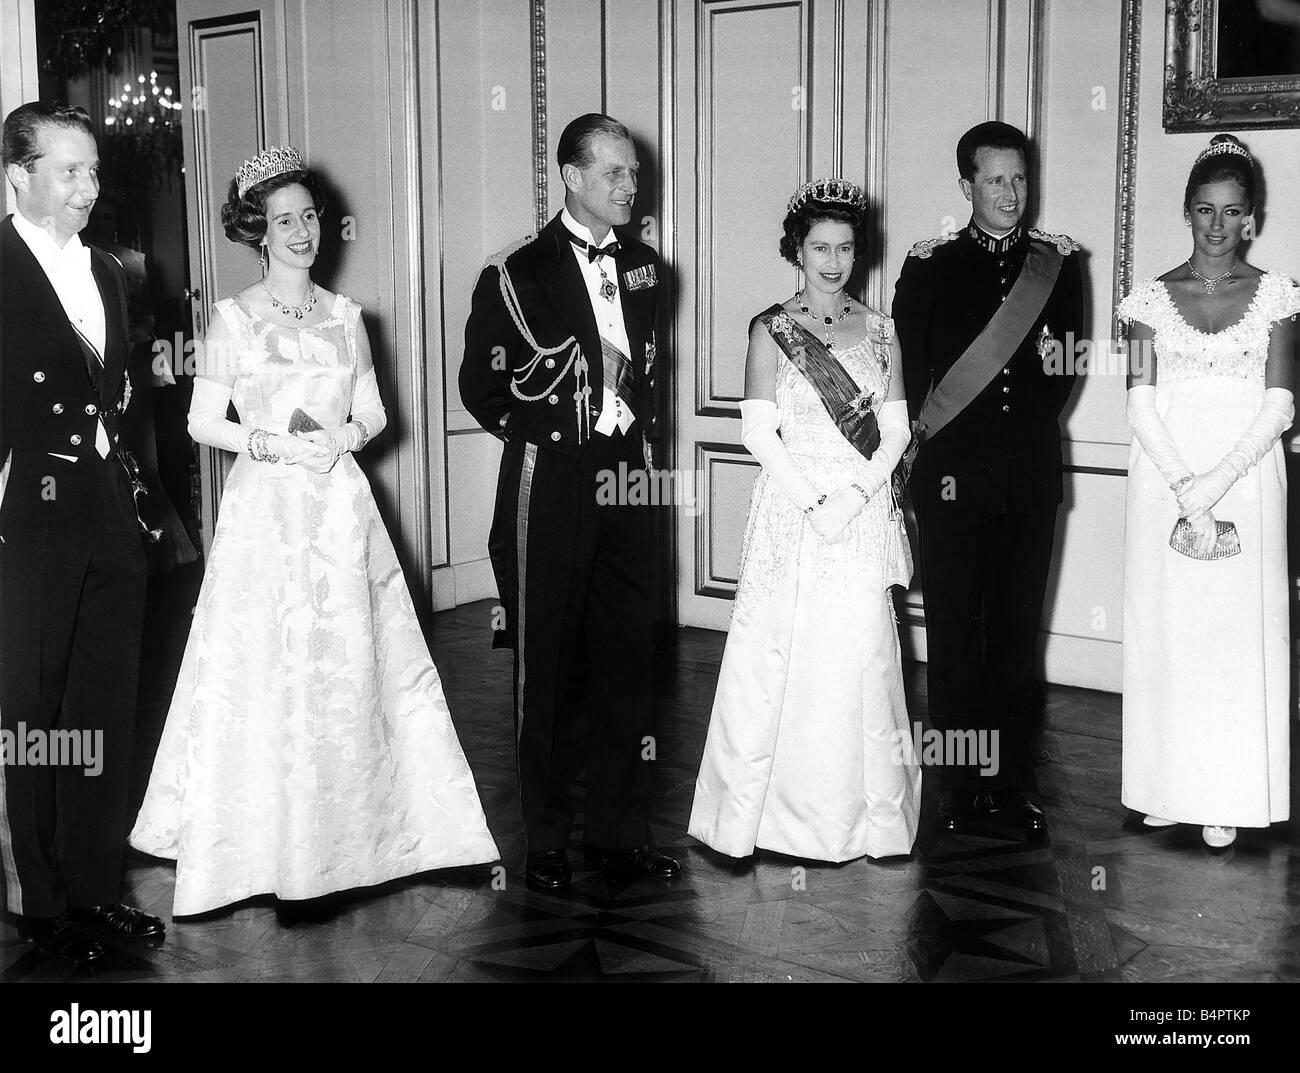 Vatican Floor Plan Queen Elizabeth Ii 1966 Visits Belgium Queen Elizabeth Ii